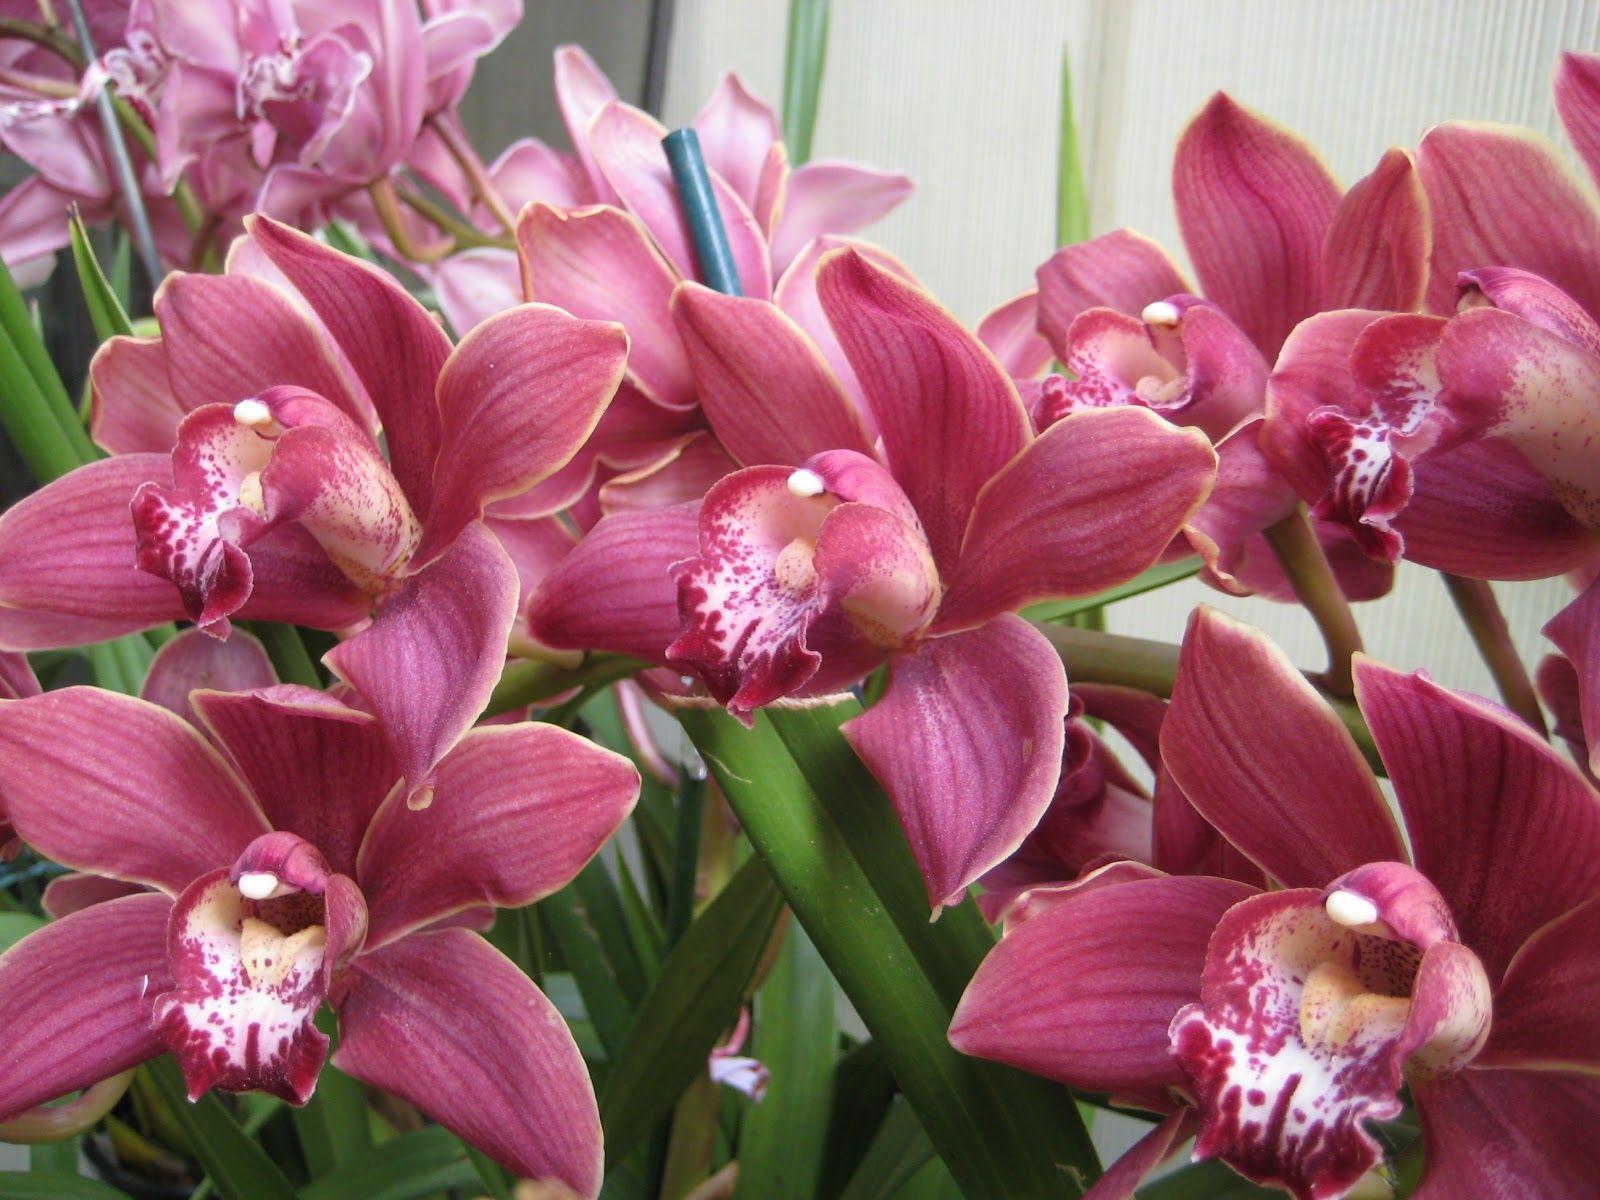 Pin By San Juana On Rare Beautiful Flowers Pinterest Beautiful